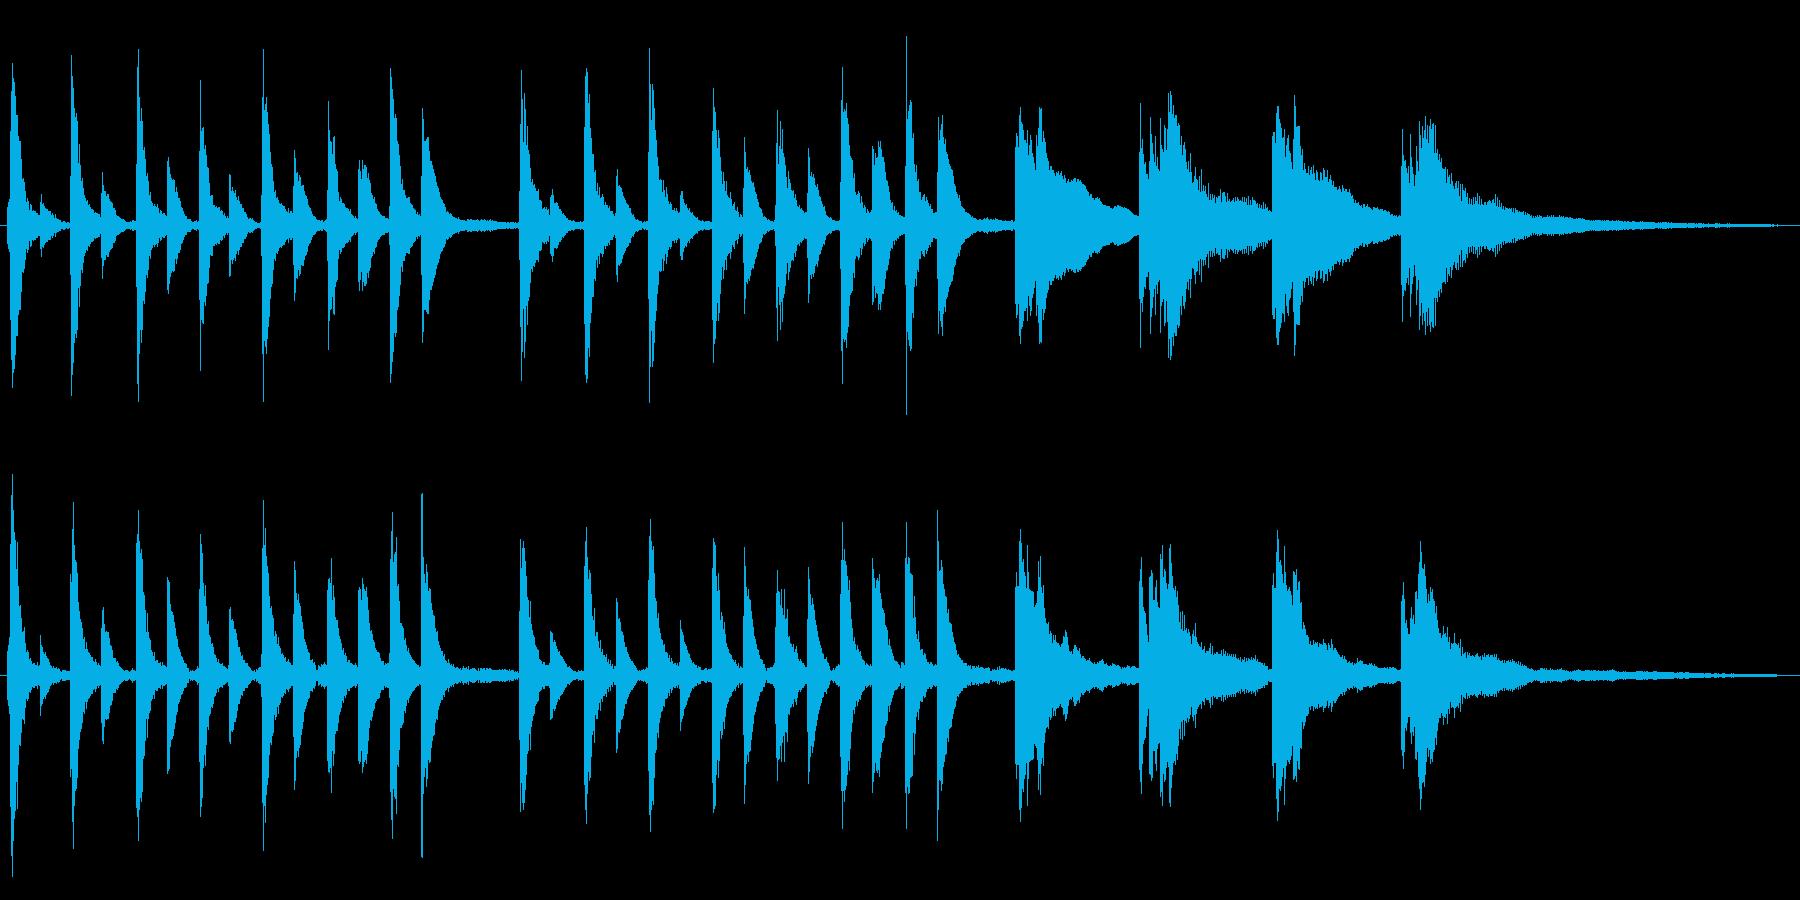 可愛い感じのピアノジングルの再生済みの波形